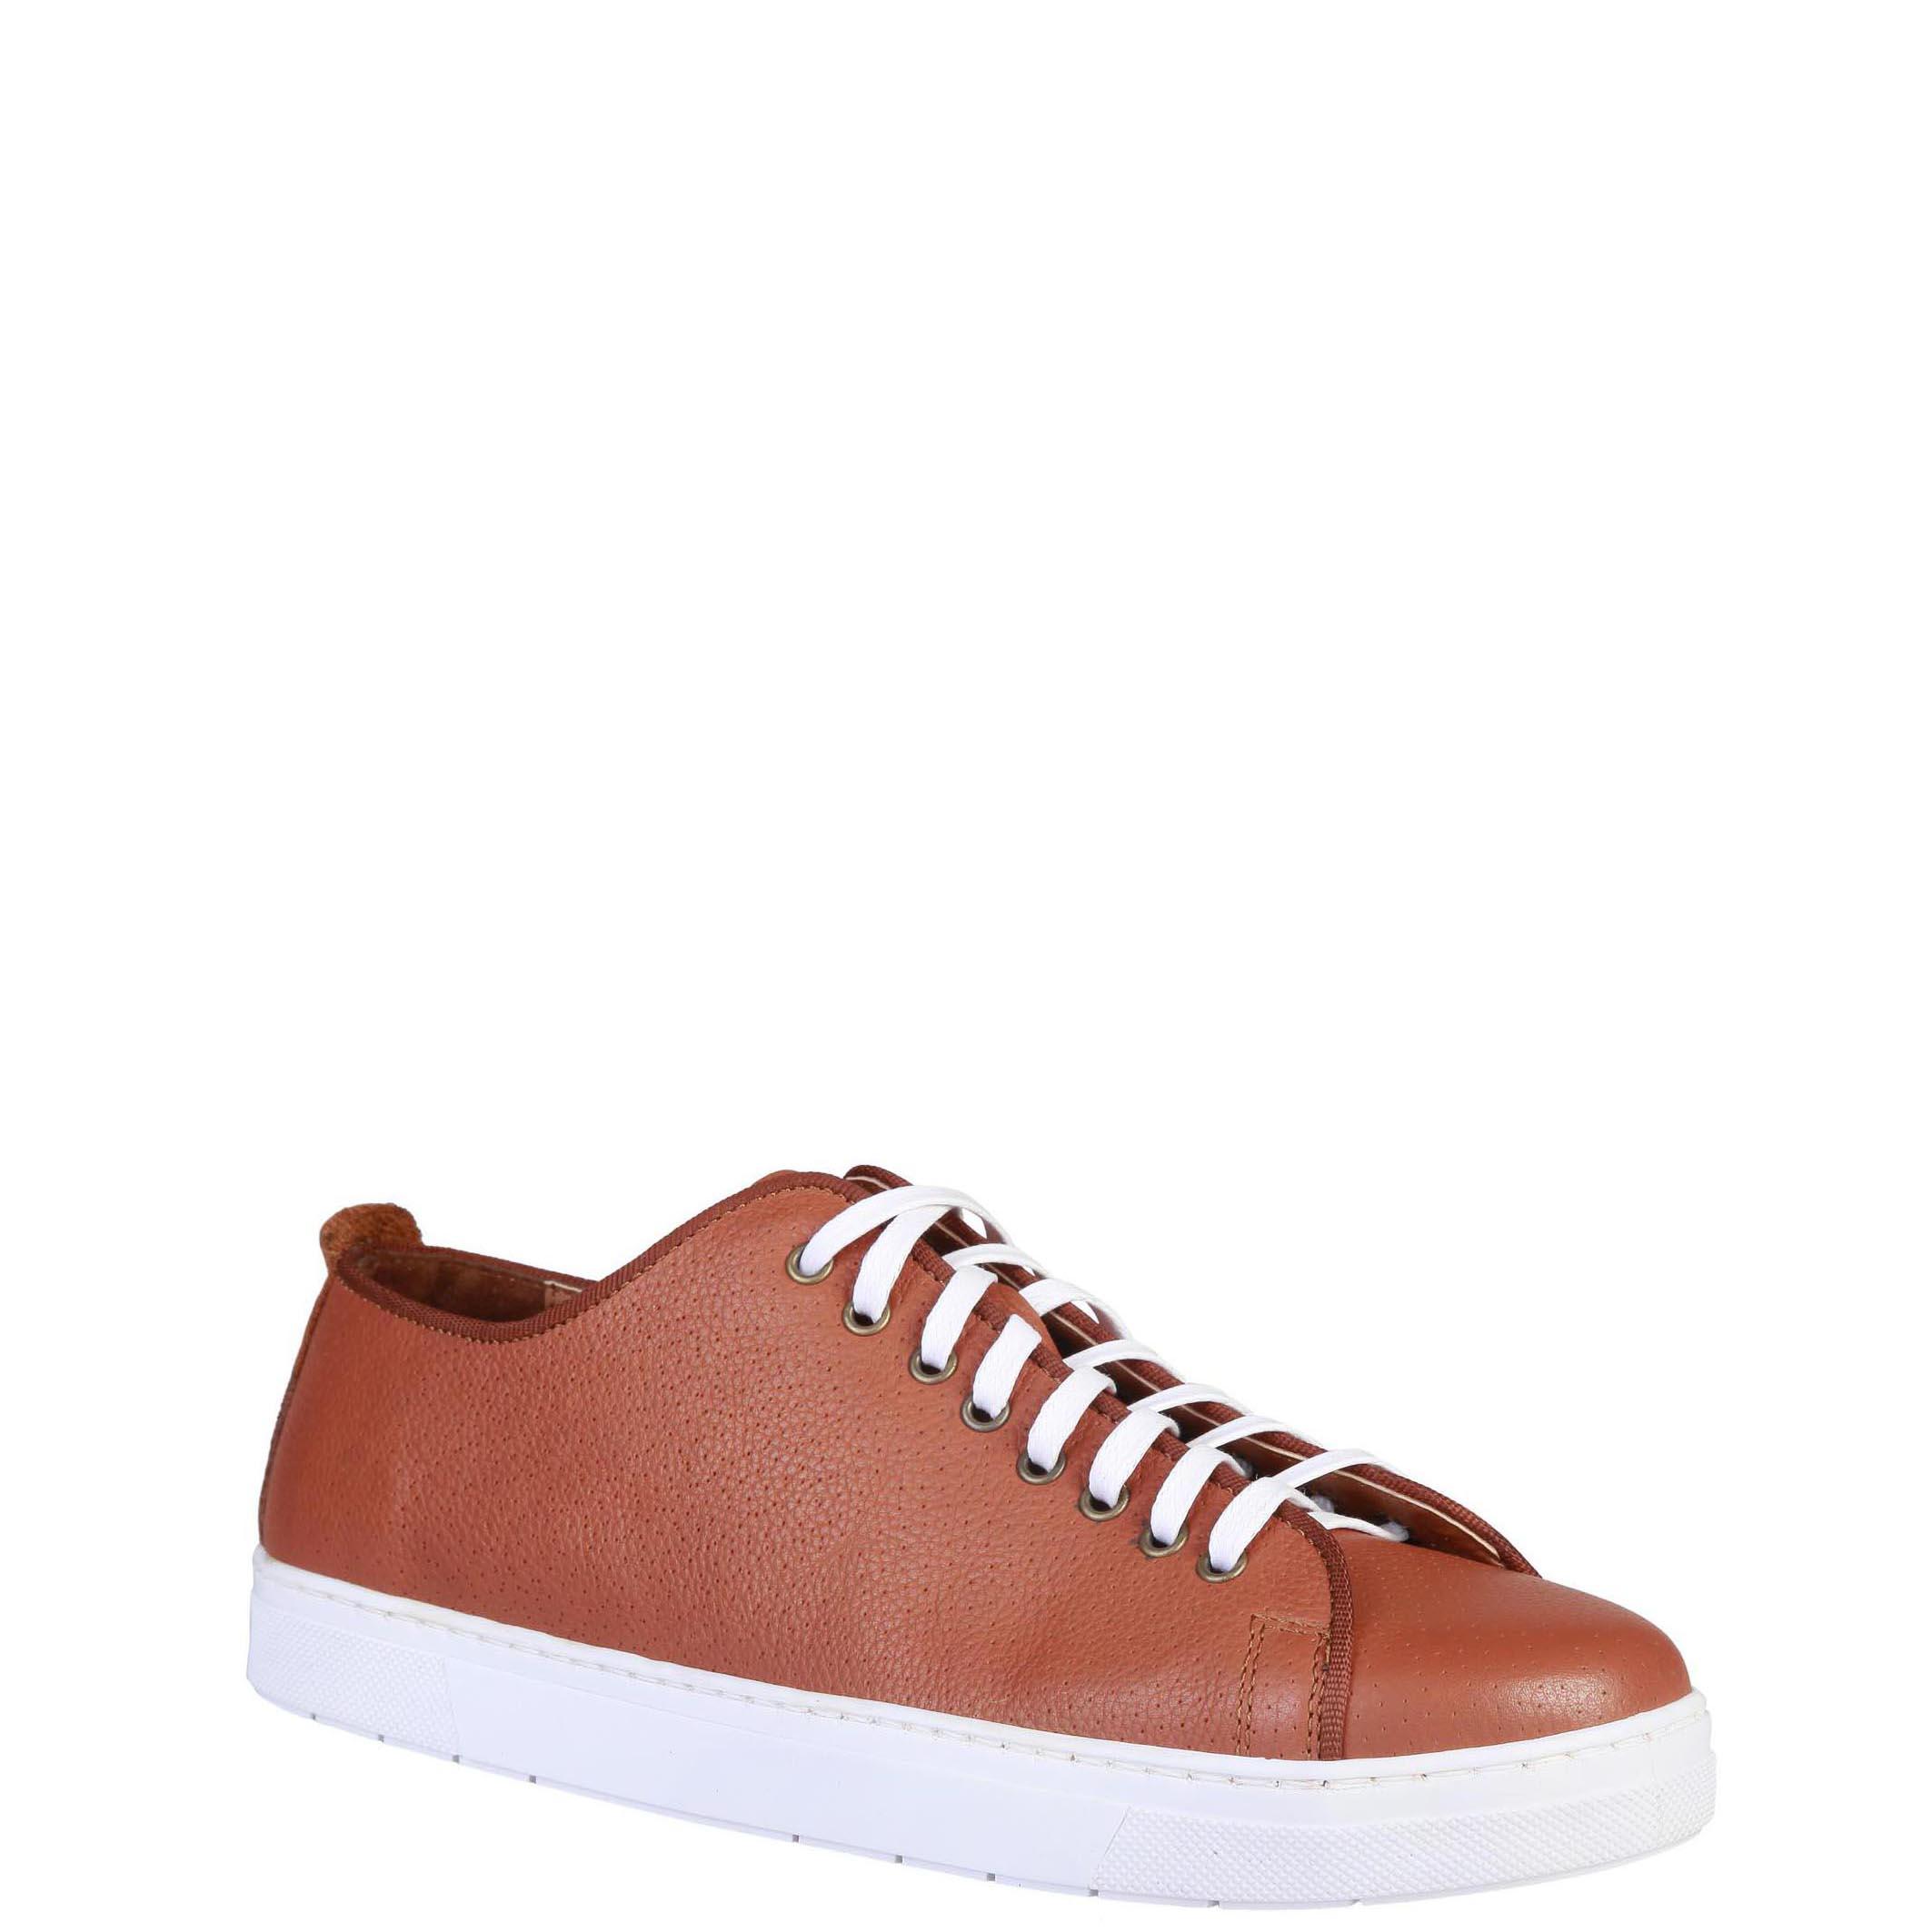 Sneakers-Pierre-Cardin-CLEMENT-Uomo-Marrone-81928 miniatura 2